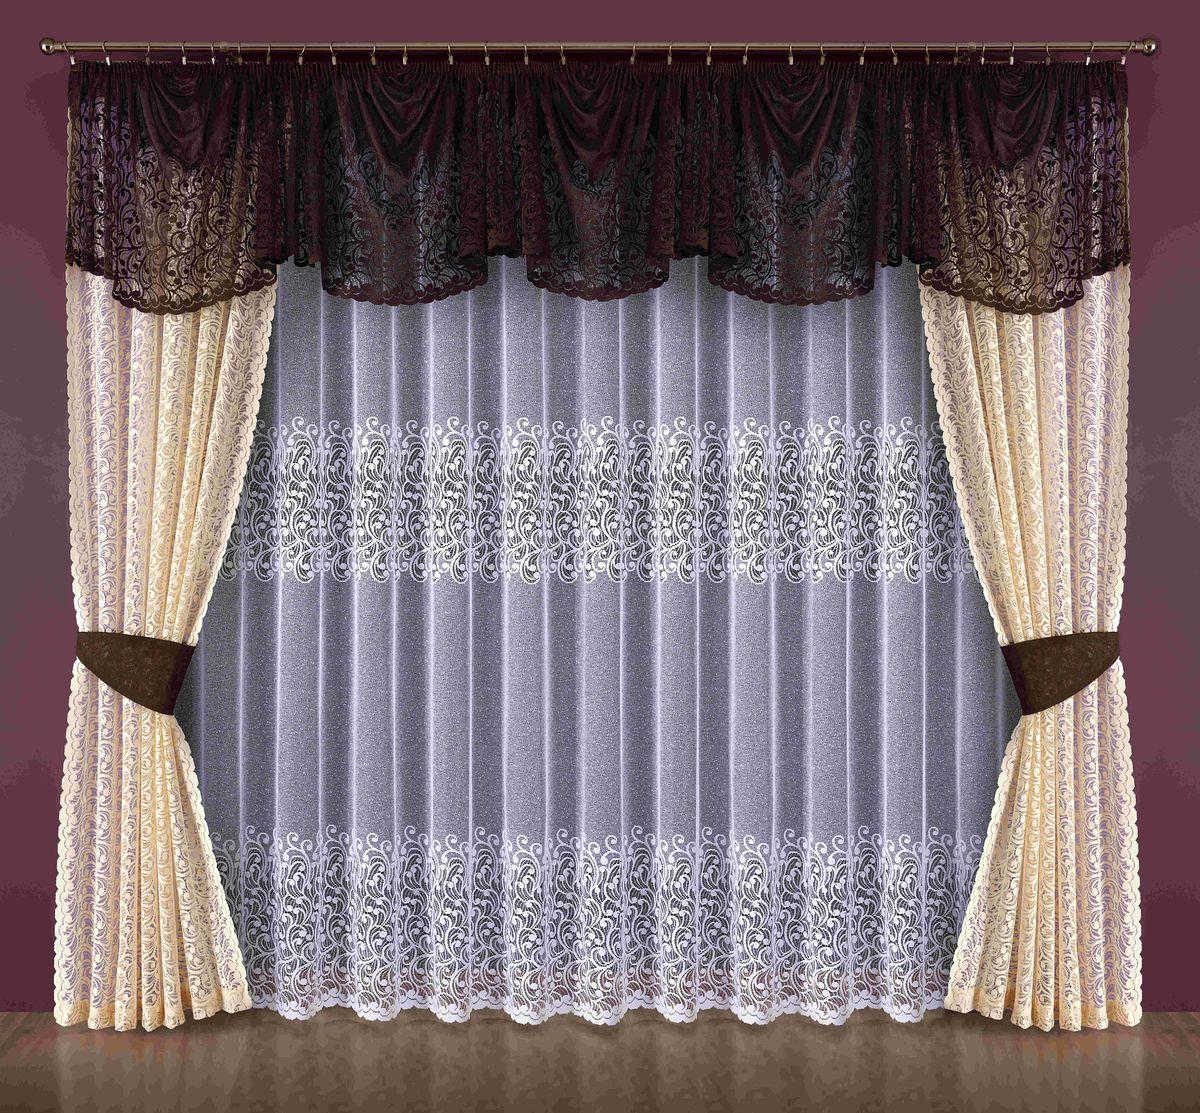 Комплект штор Wisan Nadia, на ленте, цвет: коричневый, кремовый, высота 250 см186WКомплект штор Wisan Nadia выполненный из полиэстера, великолепно украсит любое окно. Тонкое плетение, оригинальный дизайн привлекут к себе внимание и органично впишутся в интерьер. Комплект состоит из 2 штор, тюля, ламбрекена и 2 подхватов. Кружевной узор придает комплекту особый стиль и шарм. Тонкое жаккардовое плетение, нежная цветовая гамма и роскошное исполнение - все это делает шторы Wisan Nadia замечательным дополнением интерьера помещения. Все предметы комплекта оснащены шторной лентой для красивой драпировки. В комплект входит: Штора - 2 шт. Размер (ШхВ): 145 см х 250 см. Тюль - 1 шт. Размер (ШхВ): 400 см х 250 см. Ламбрекен - 1 шт. Размер (ШхВ): 700 см х 85 см.Подхваты - 2 шт. Фирма Wisan на польском рынке существует уже более пятидесяти лет и является одной из лучших польских фабрик по производству штор и тканей. Ассортимент фирмы представлен готовыми комплектами штор для гостиной, детской, кухни, а также текстилем для кухни (скатерти, салфетки, дорожки, кухонные занавески). Модельный ряд отличает оригинальный дизайн, высокое качество. Ассортимент продукции постоянно пополняется.